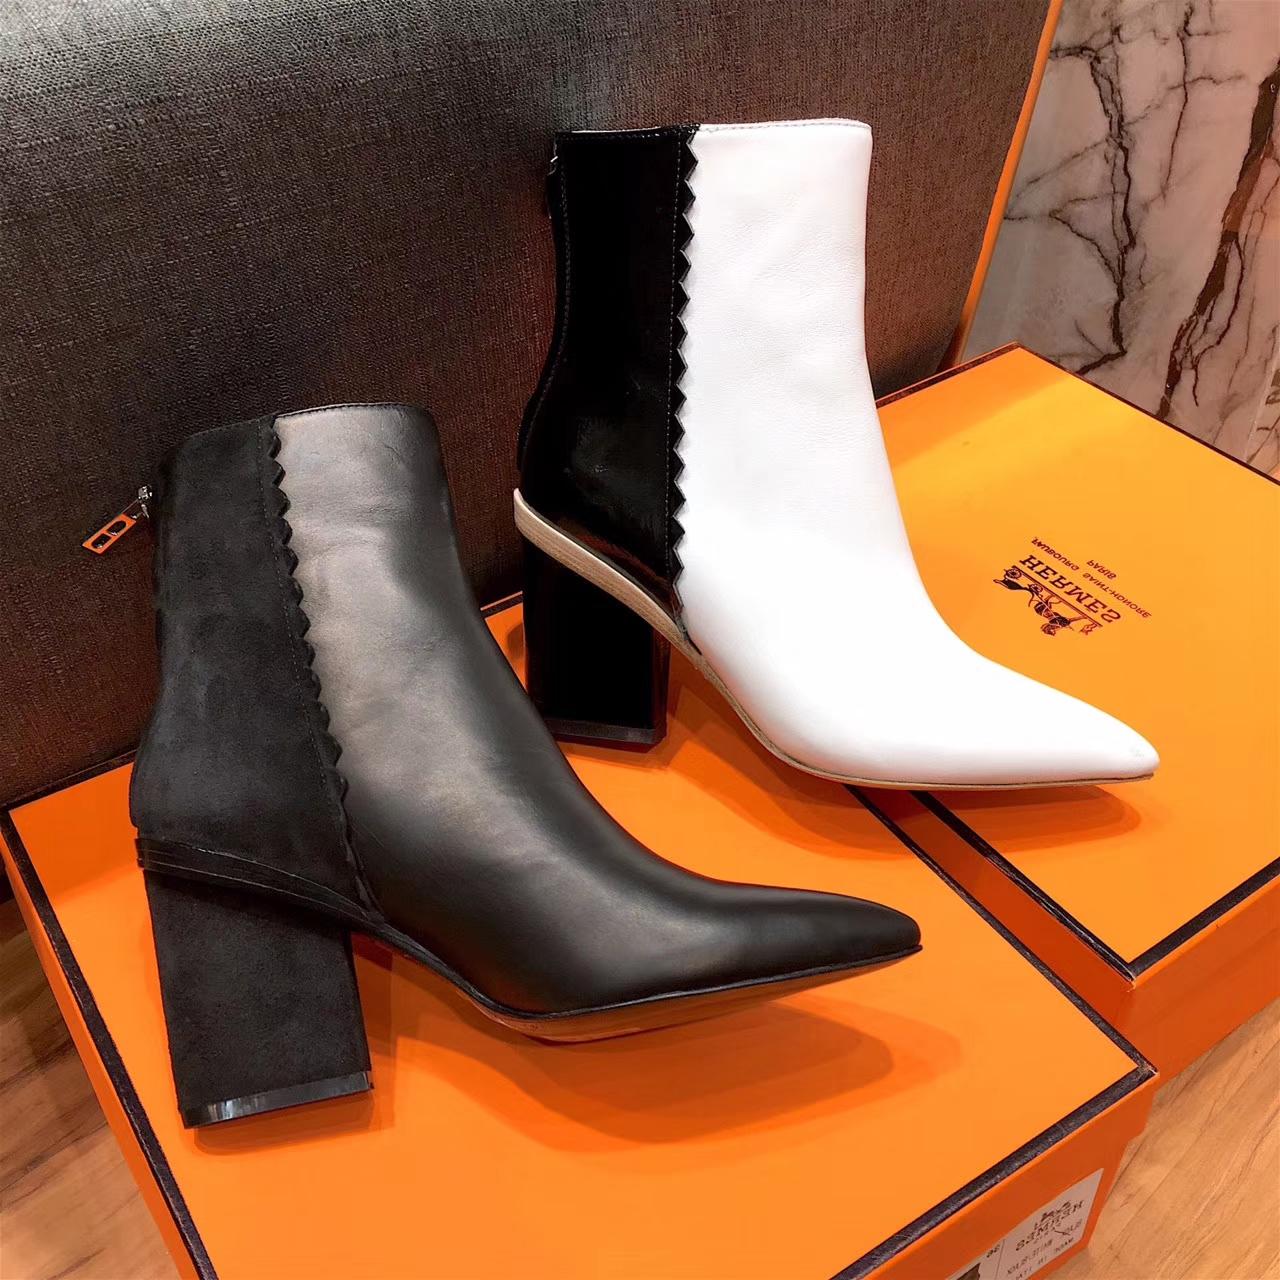 【Hermes 】爱马仕女靴 17秋冬专柜新款短靴